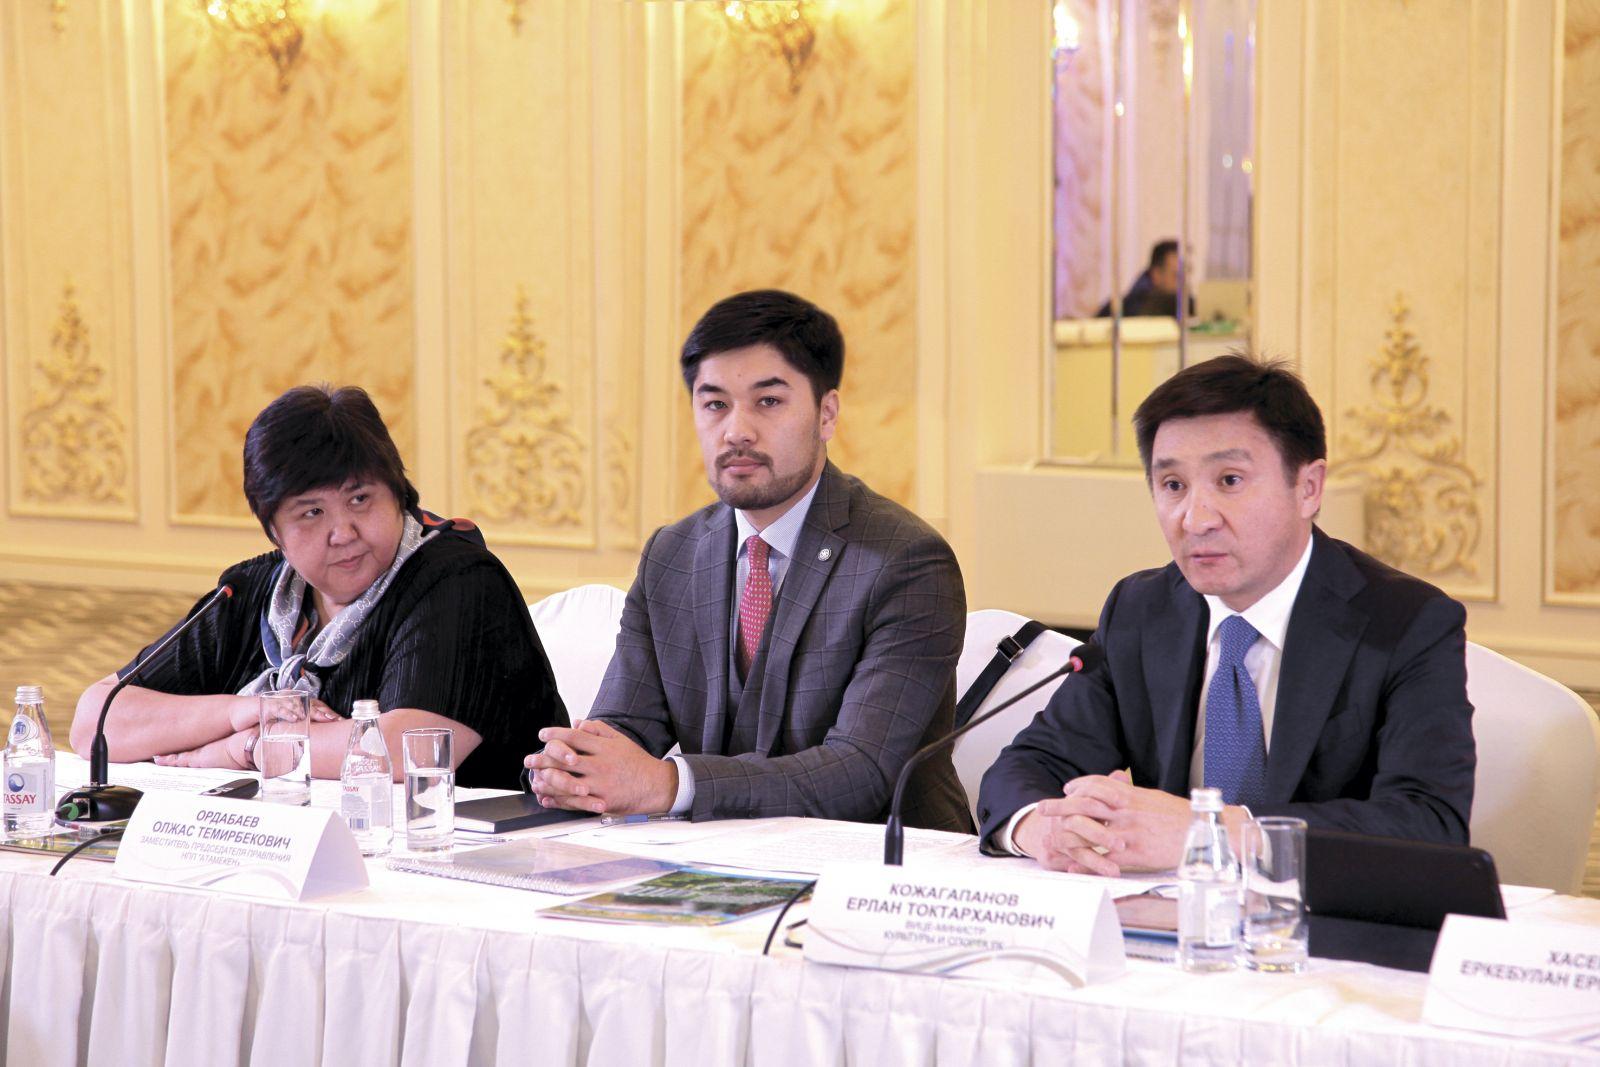 Зампред НПП: «Госпрограмма туризма должна ориентироваться на МСБ»